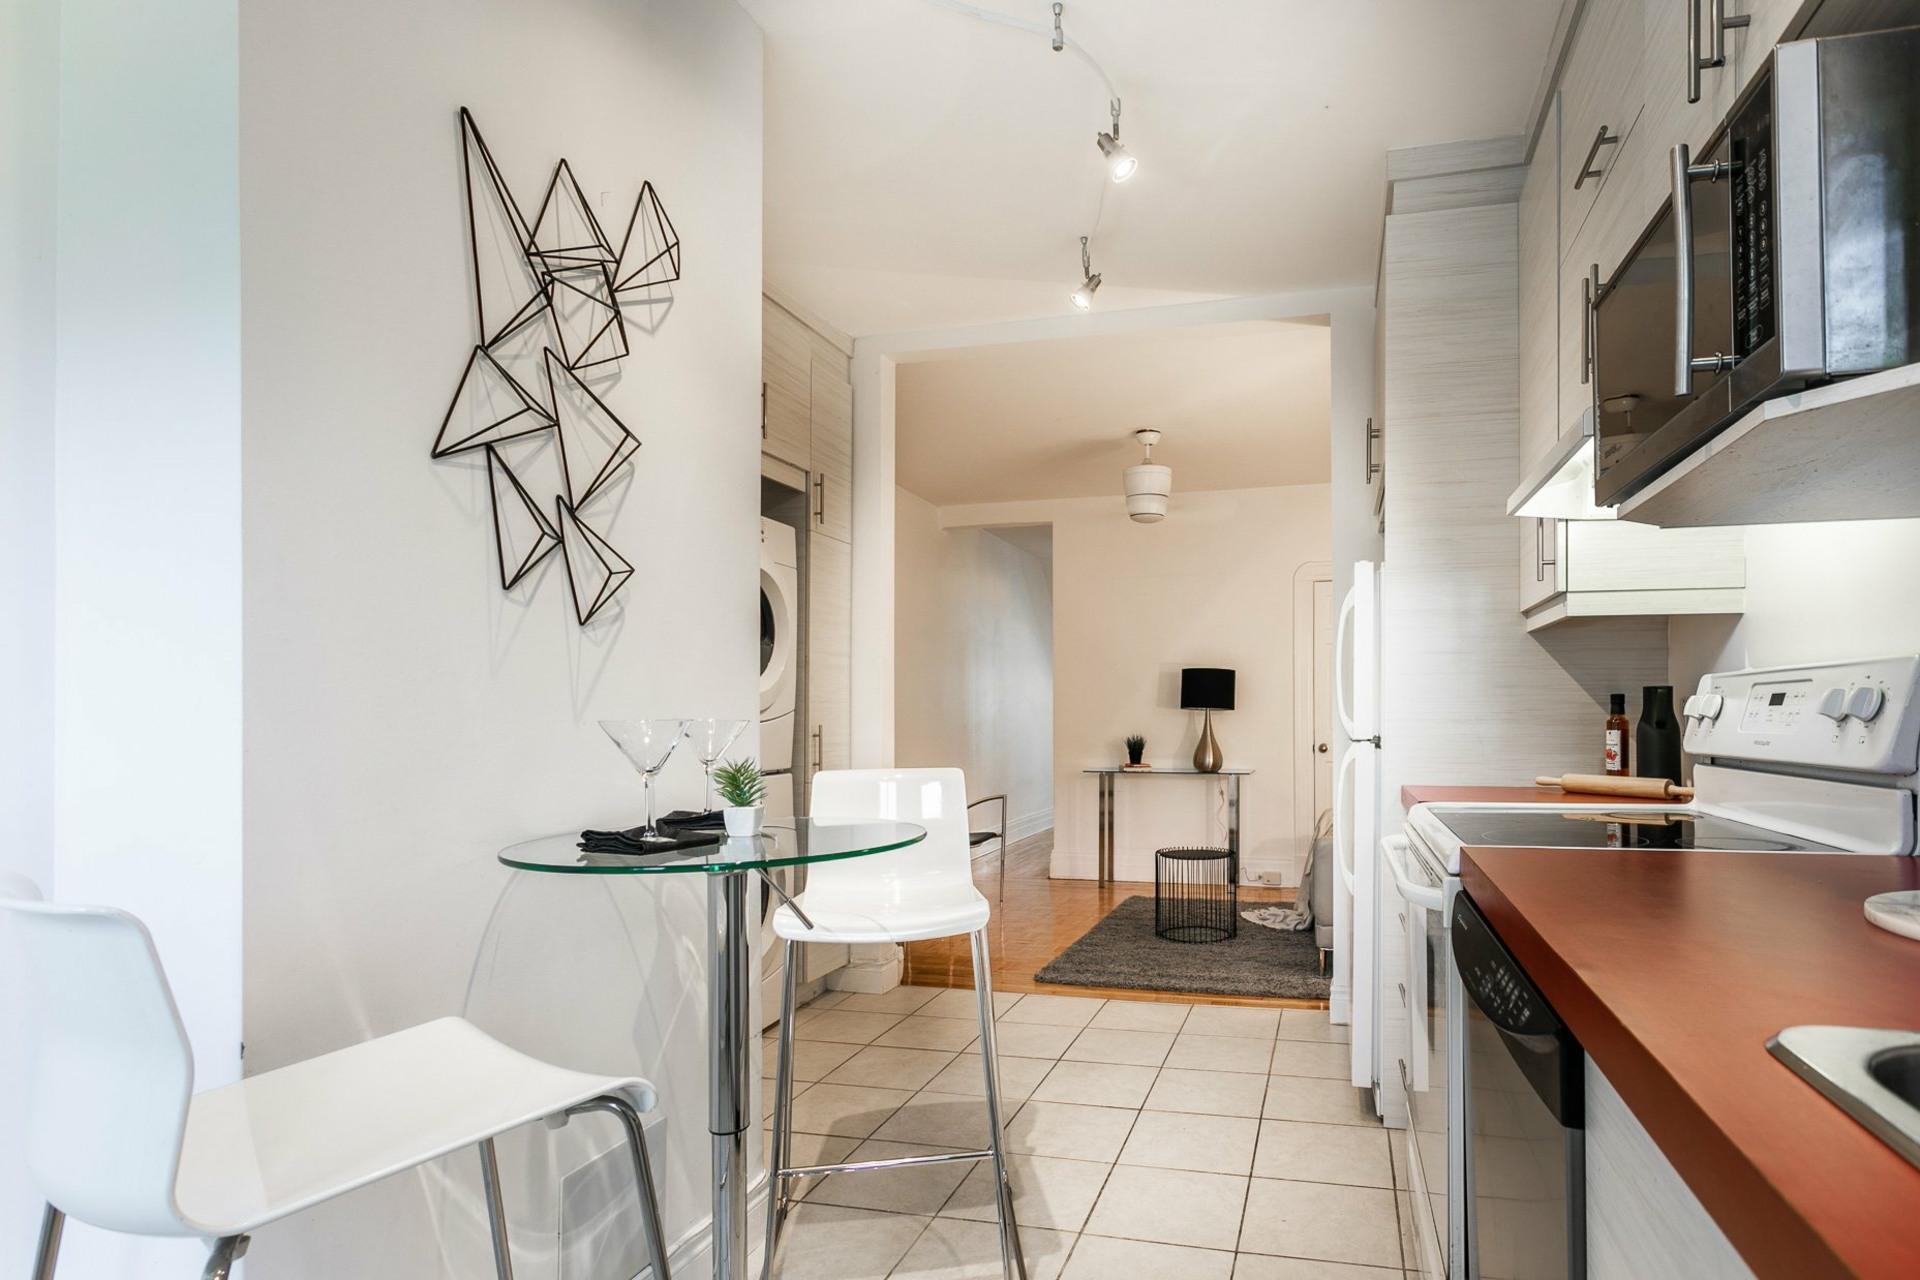 image 10 - Appartement À vendre Le Plateau-Mont-Royal Montréal  - 4 pièces